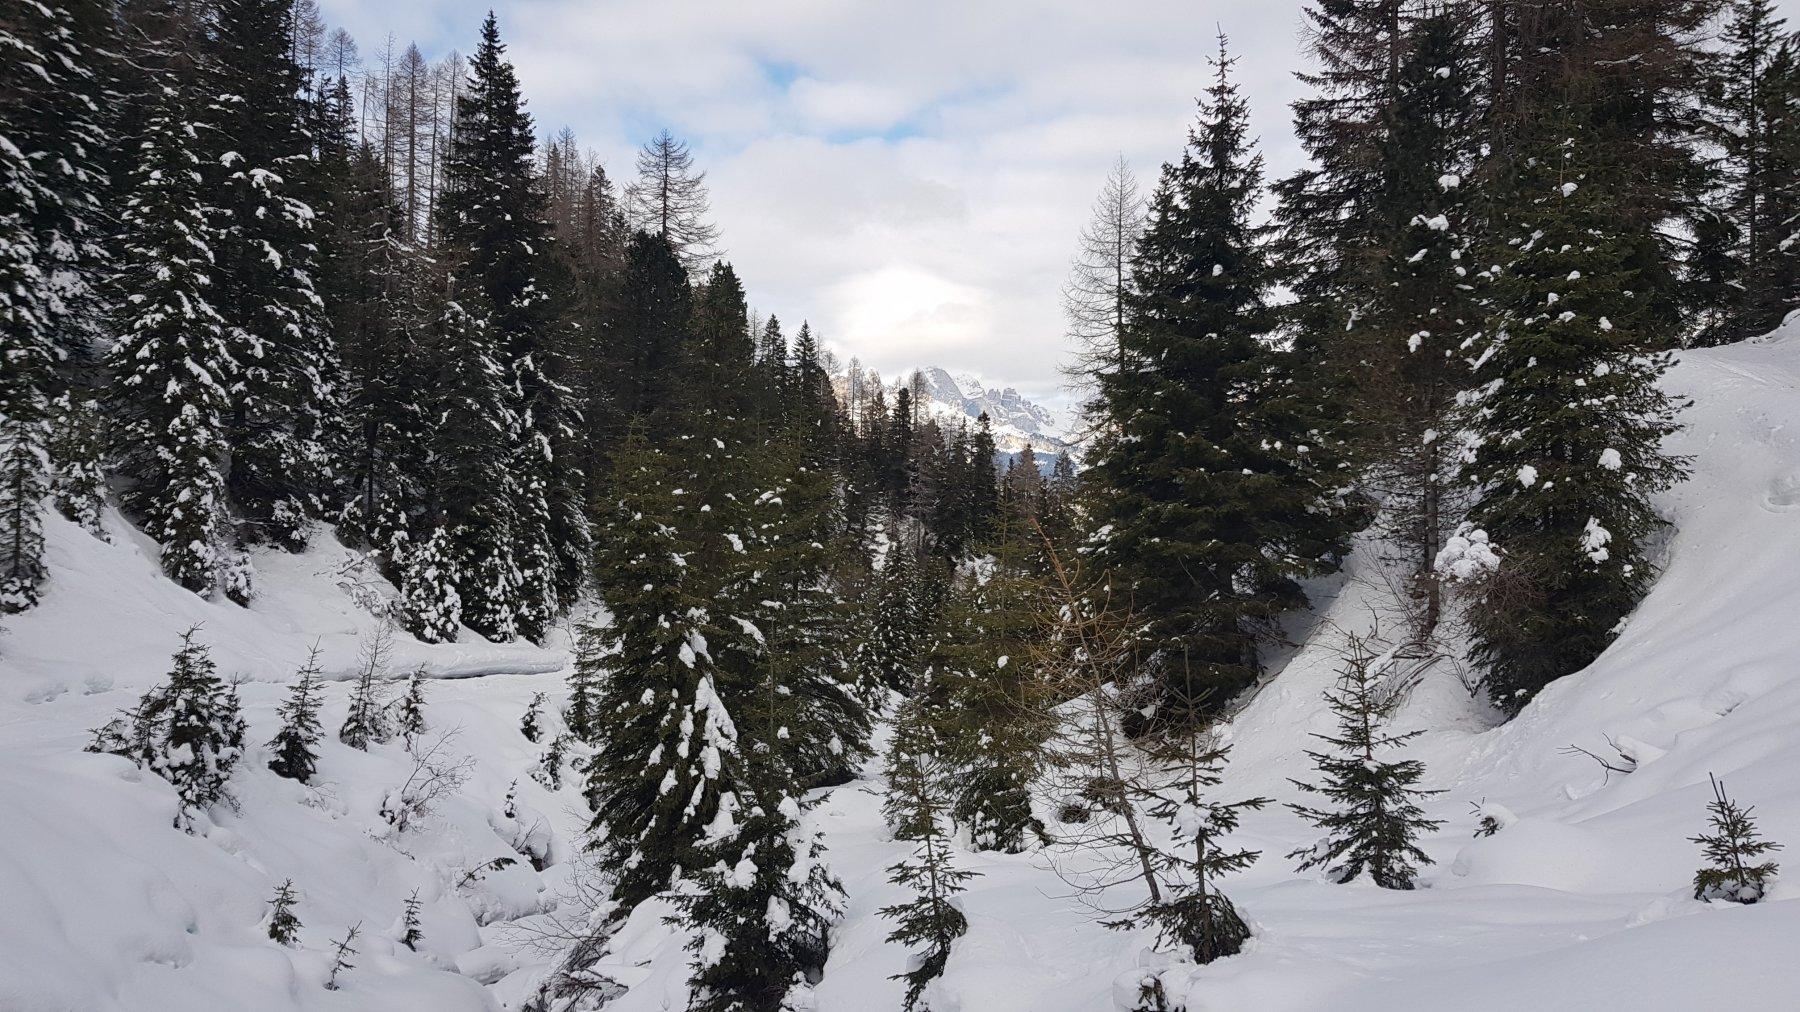 La parte finale della strada nel bosco